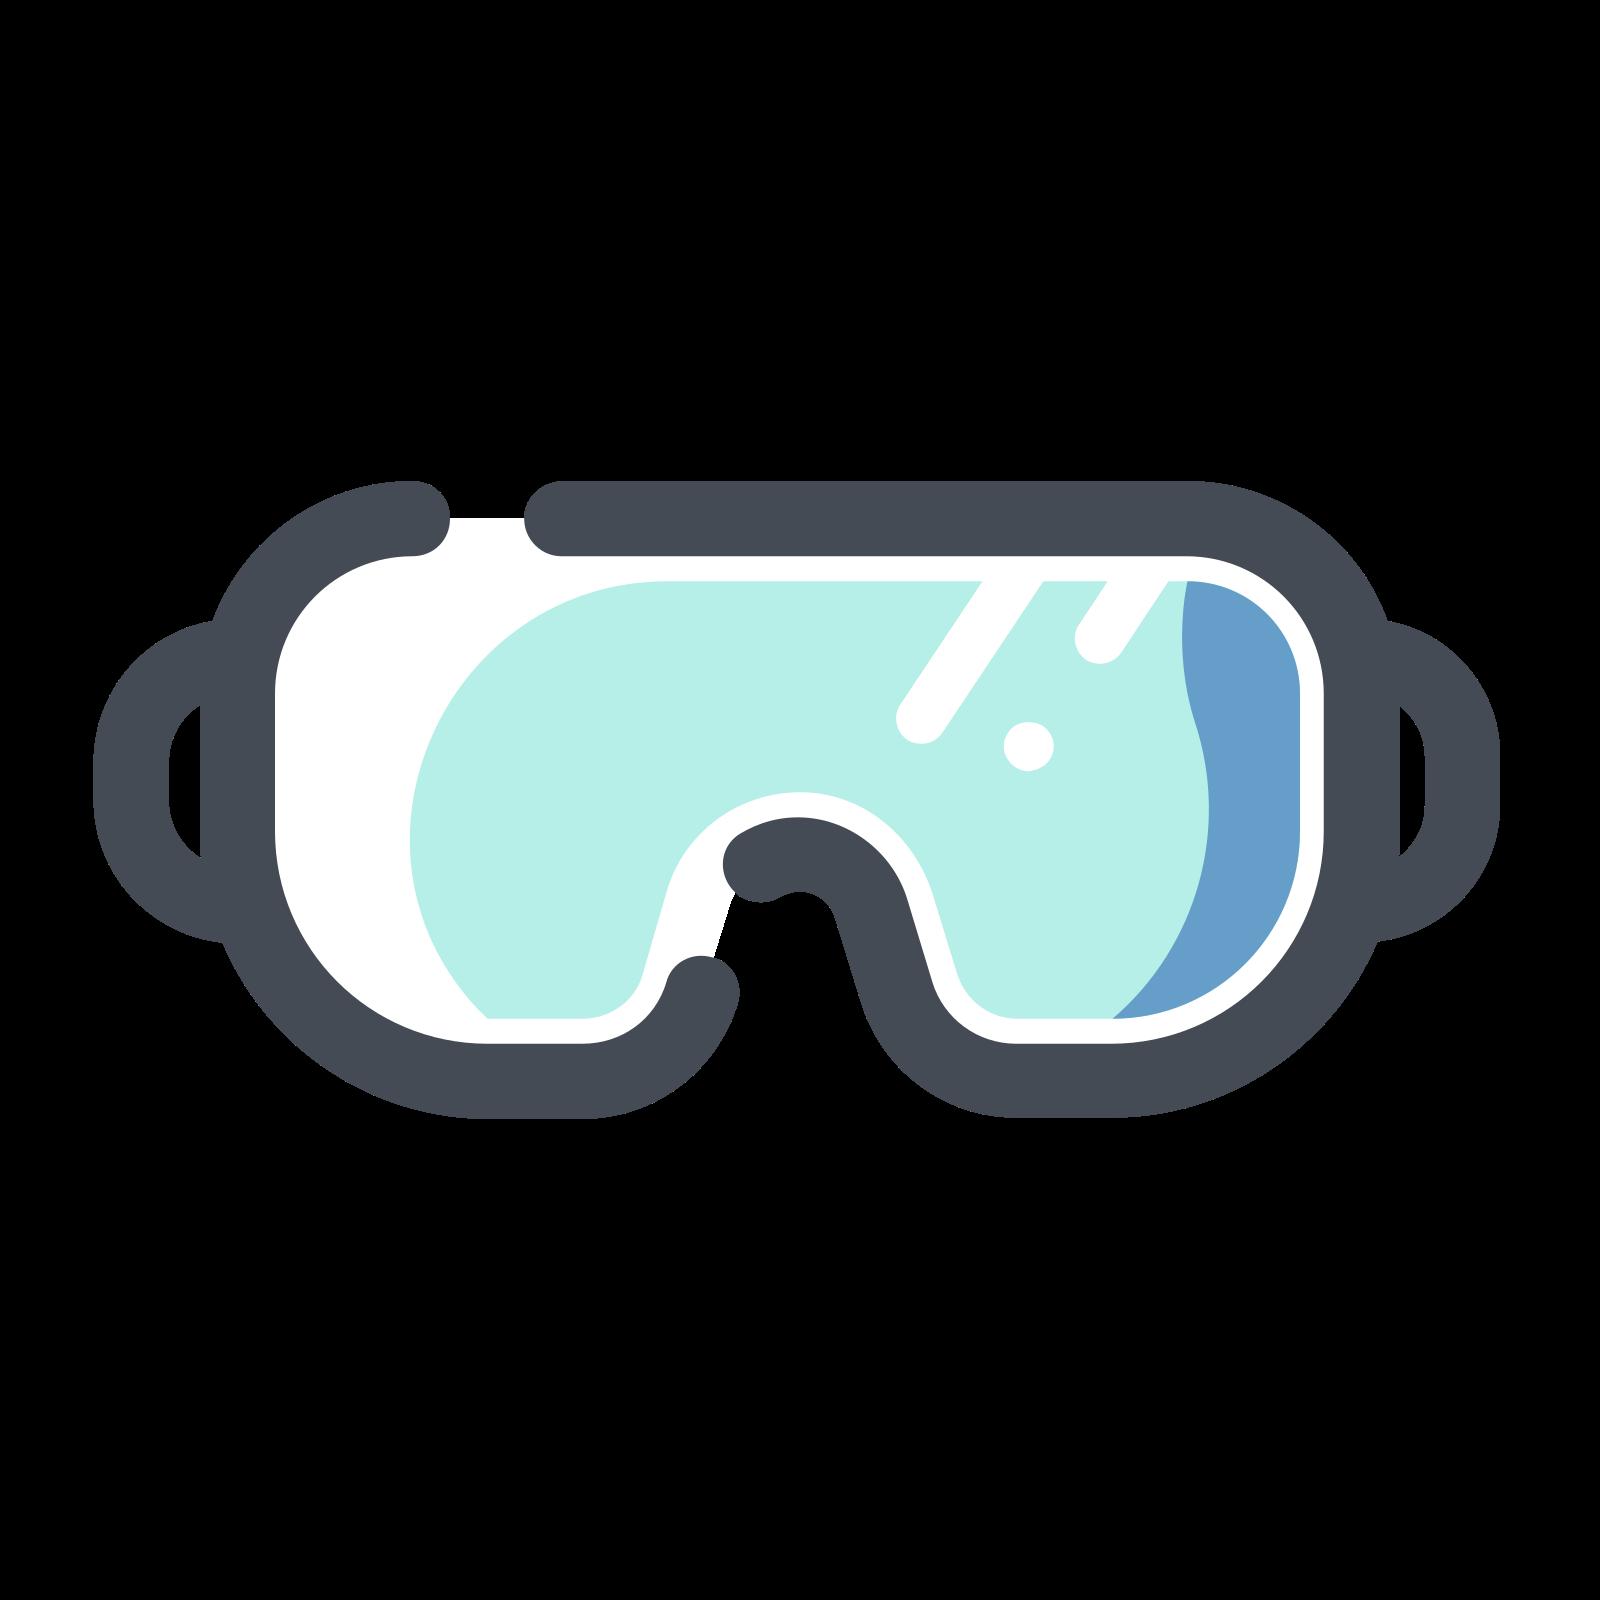 眼鏡 icon. Its an image of a pair of glasses. There are two semi circles spaced equally apart connected by a horizontal line. On far end of each semi circle is a vertical line with hooks on the end. It looks like a women's bra.